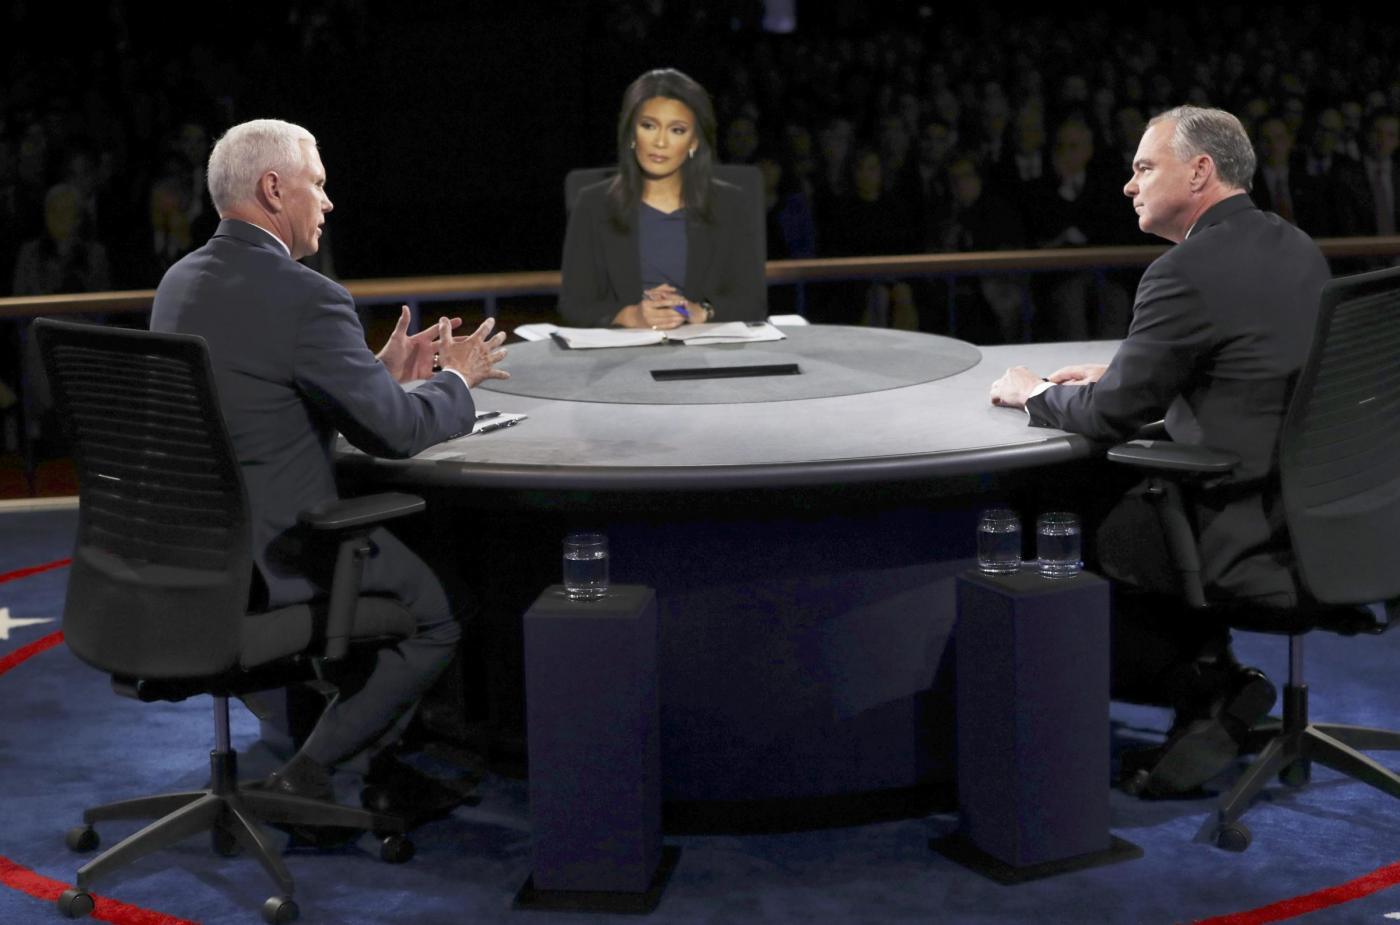 Il dibattito tra i vicepresidenti nominati nella corsa alla Casa Bianca